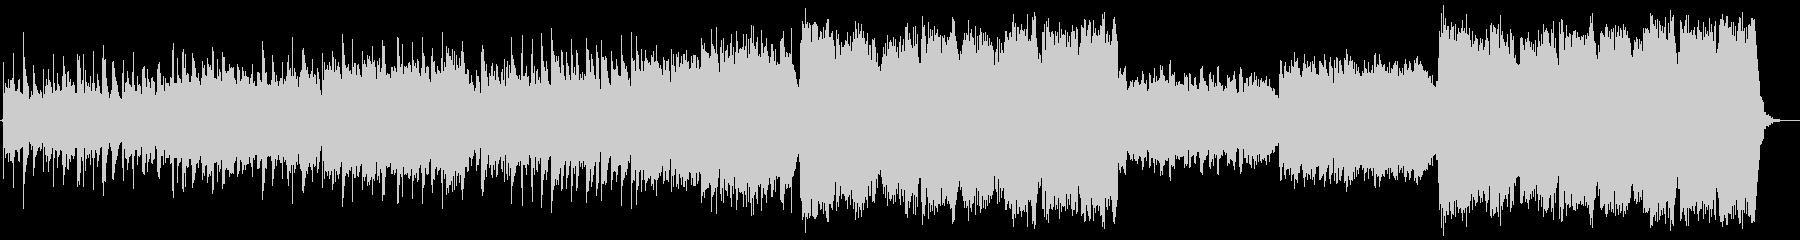 暗い森、ファンタジーBGMの未再生の波形